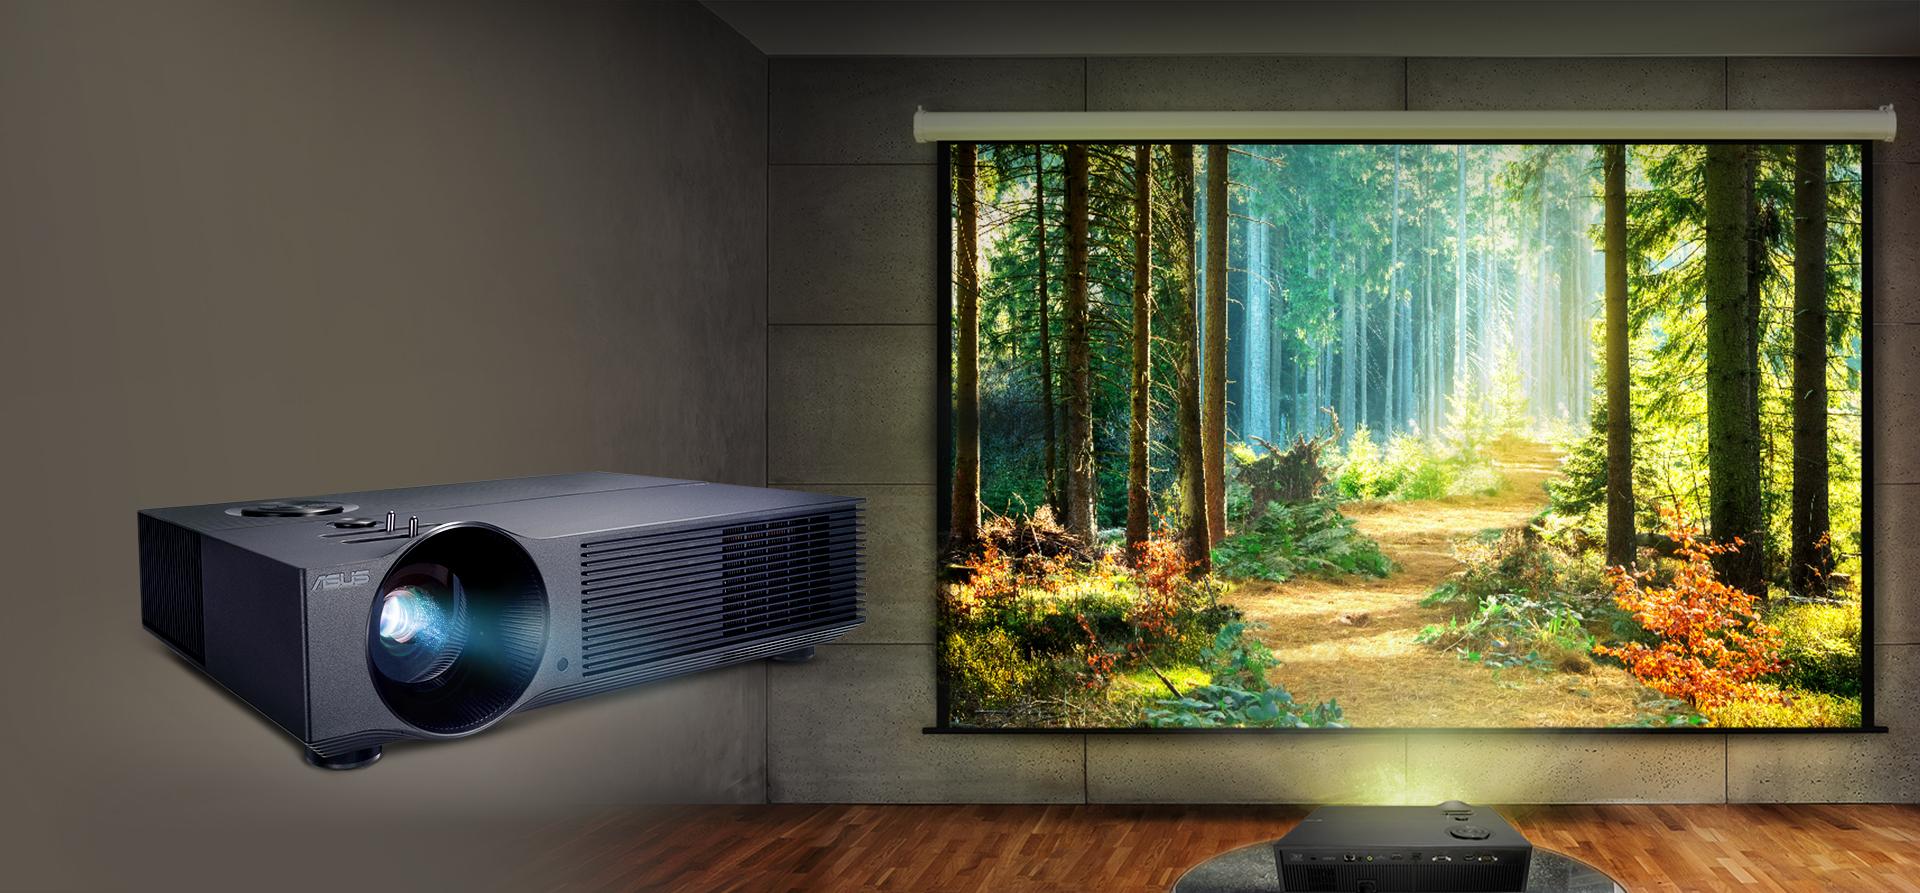 Découvrez des images lumineuses et immersives